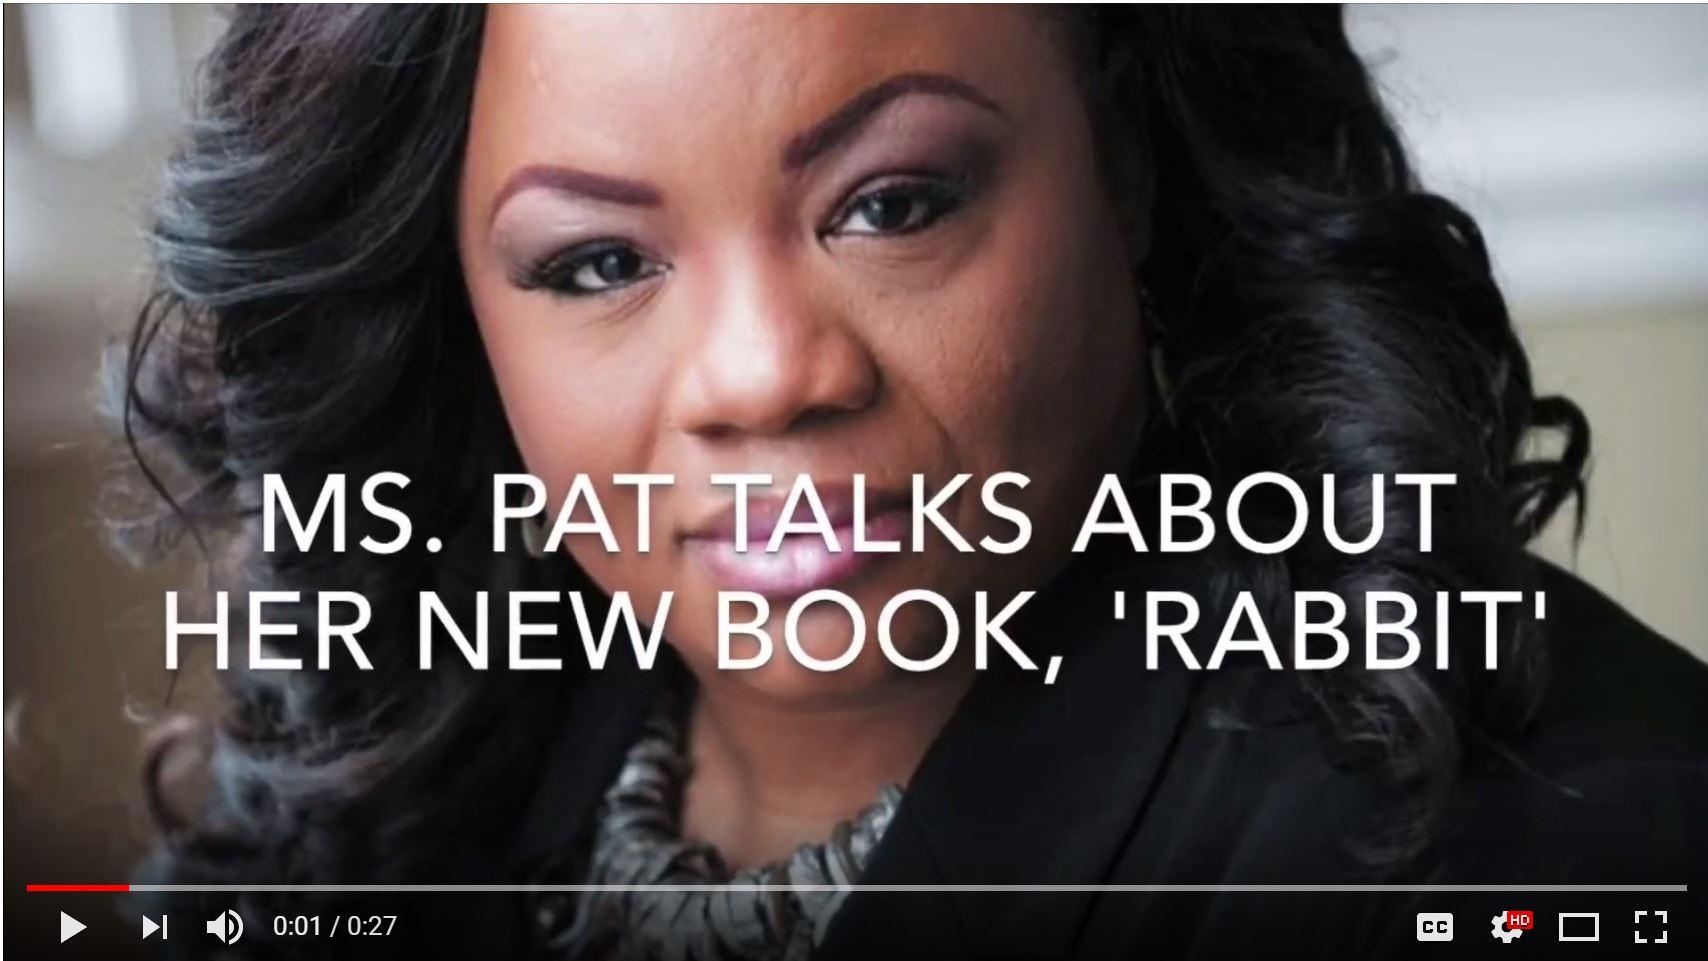 Ms. Pat